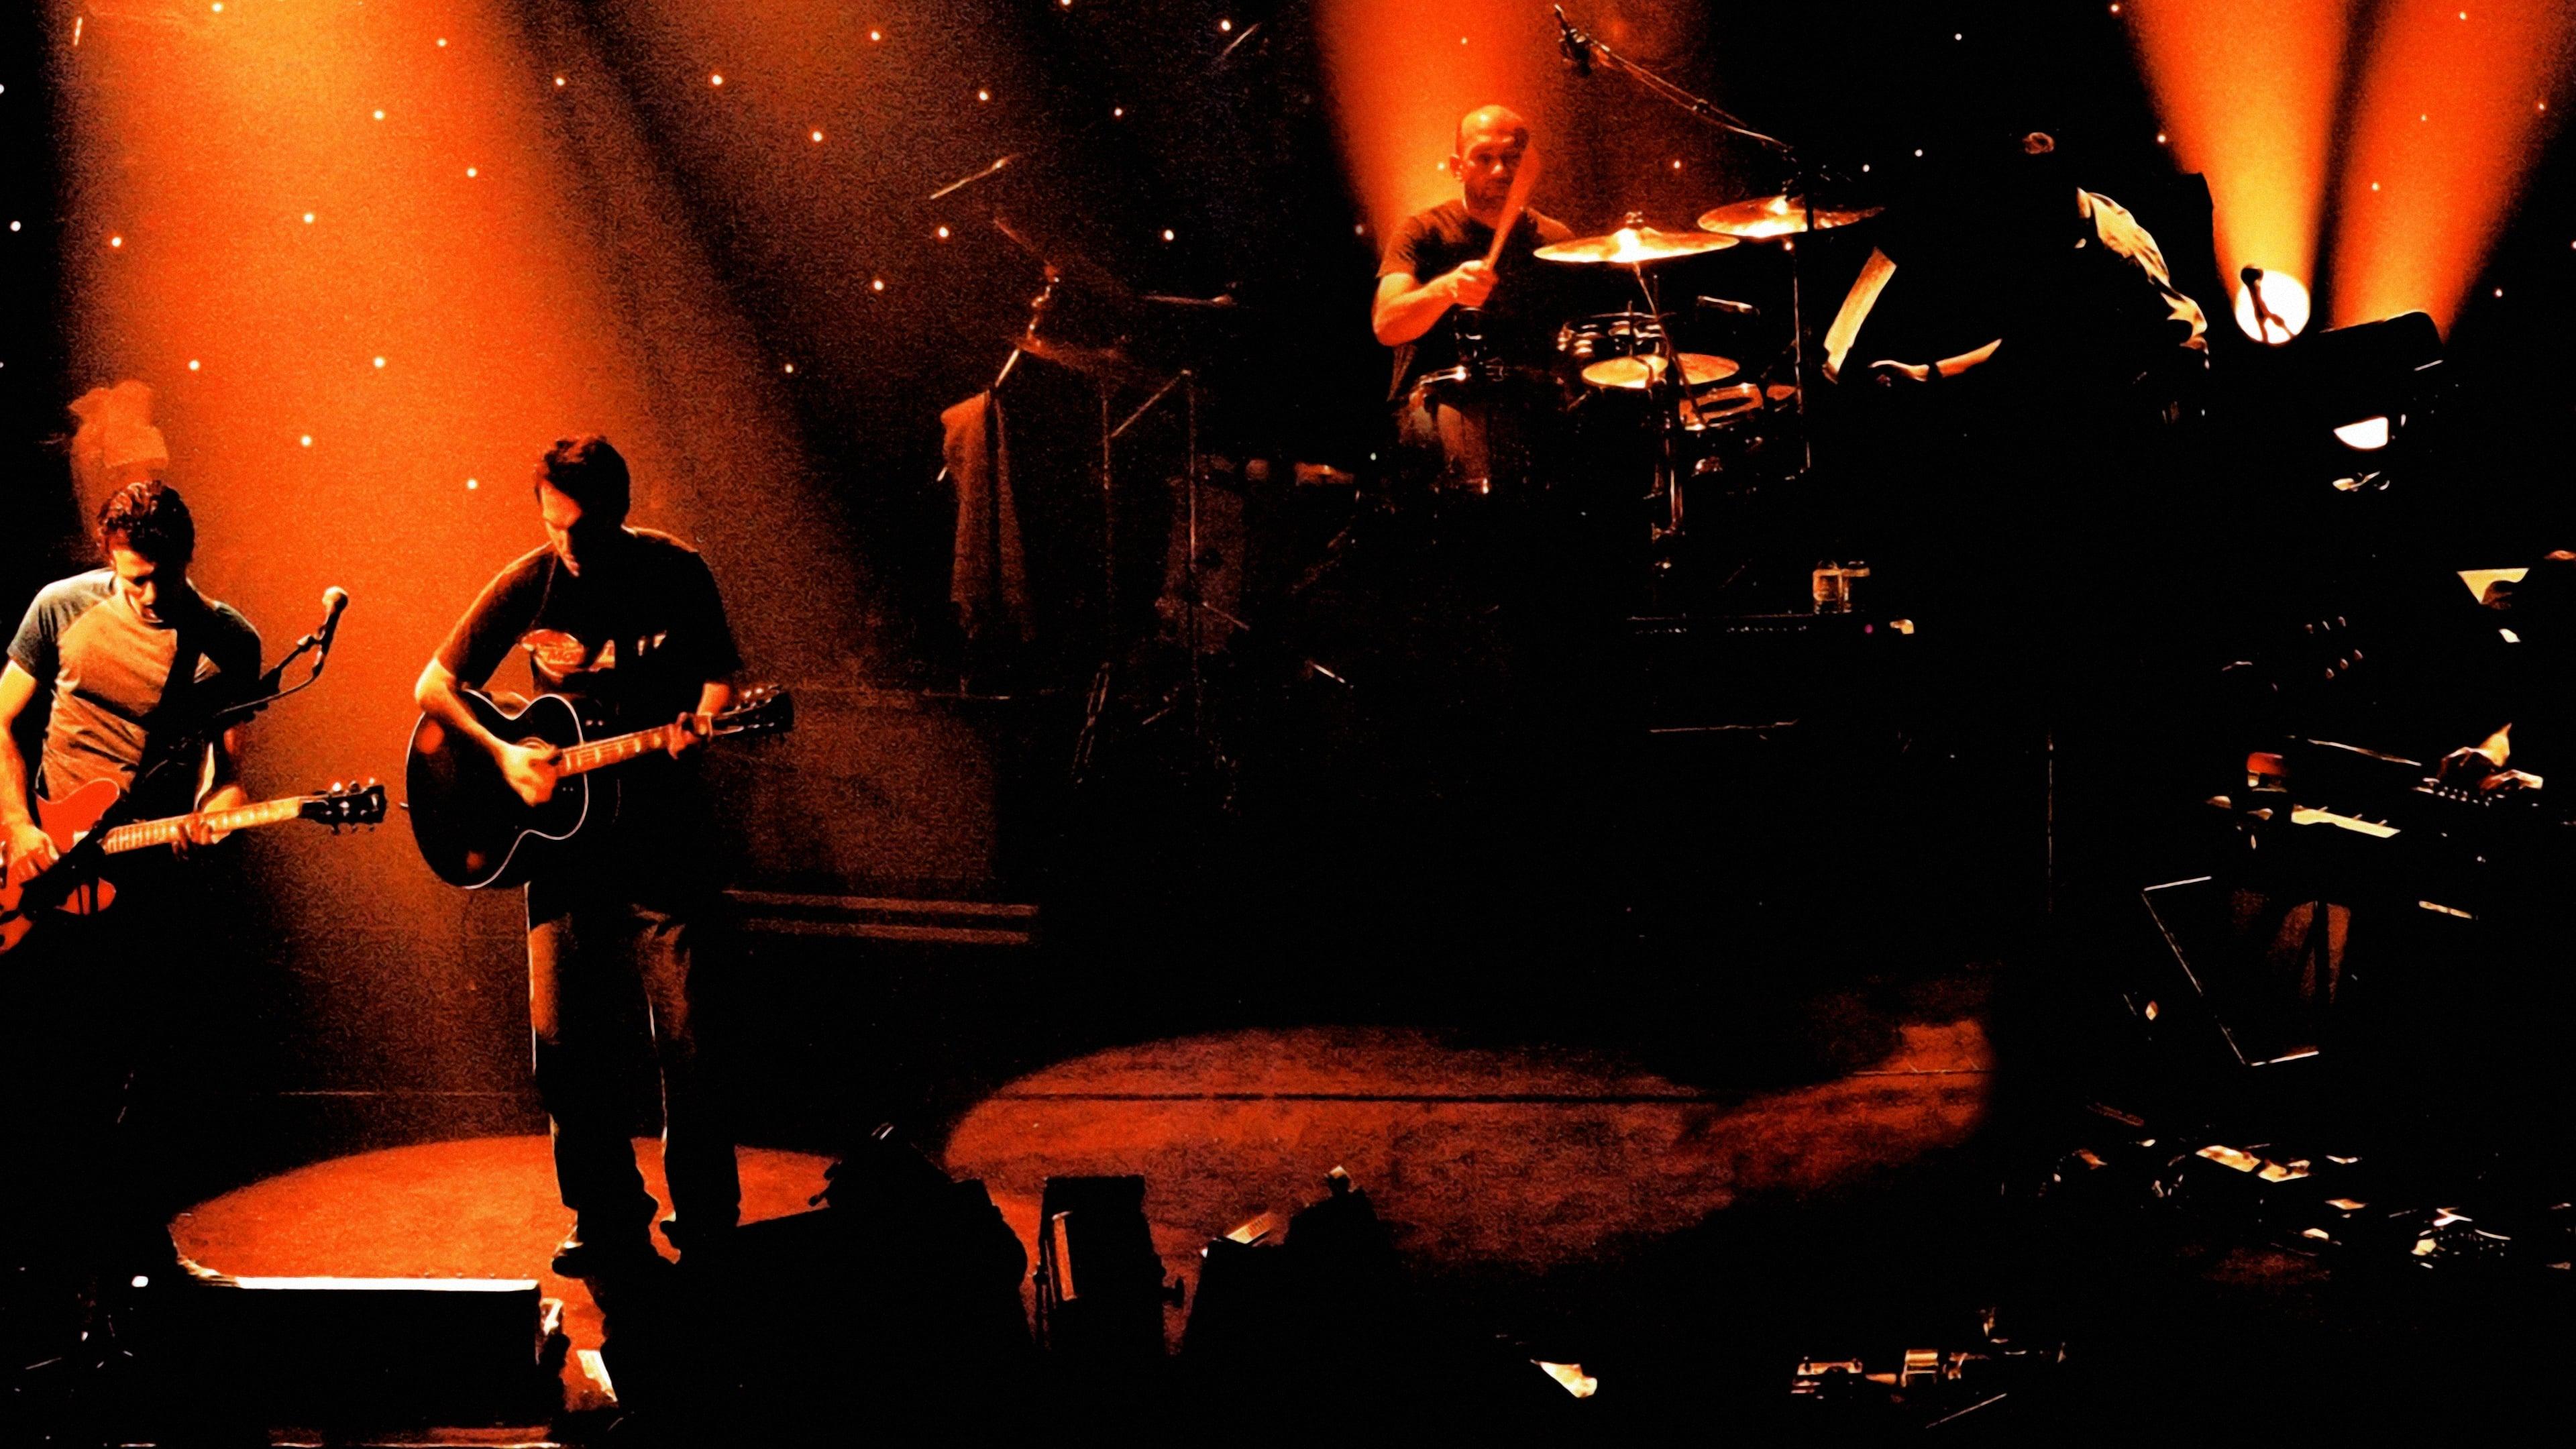 De Palmas: Live 2002 (2001)